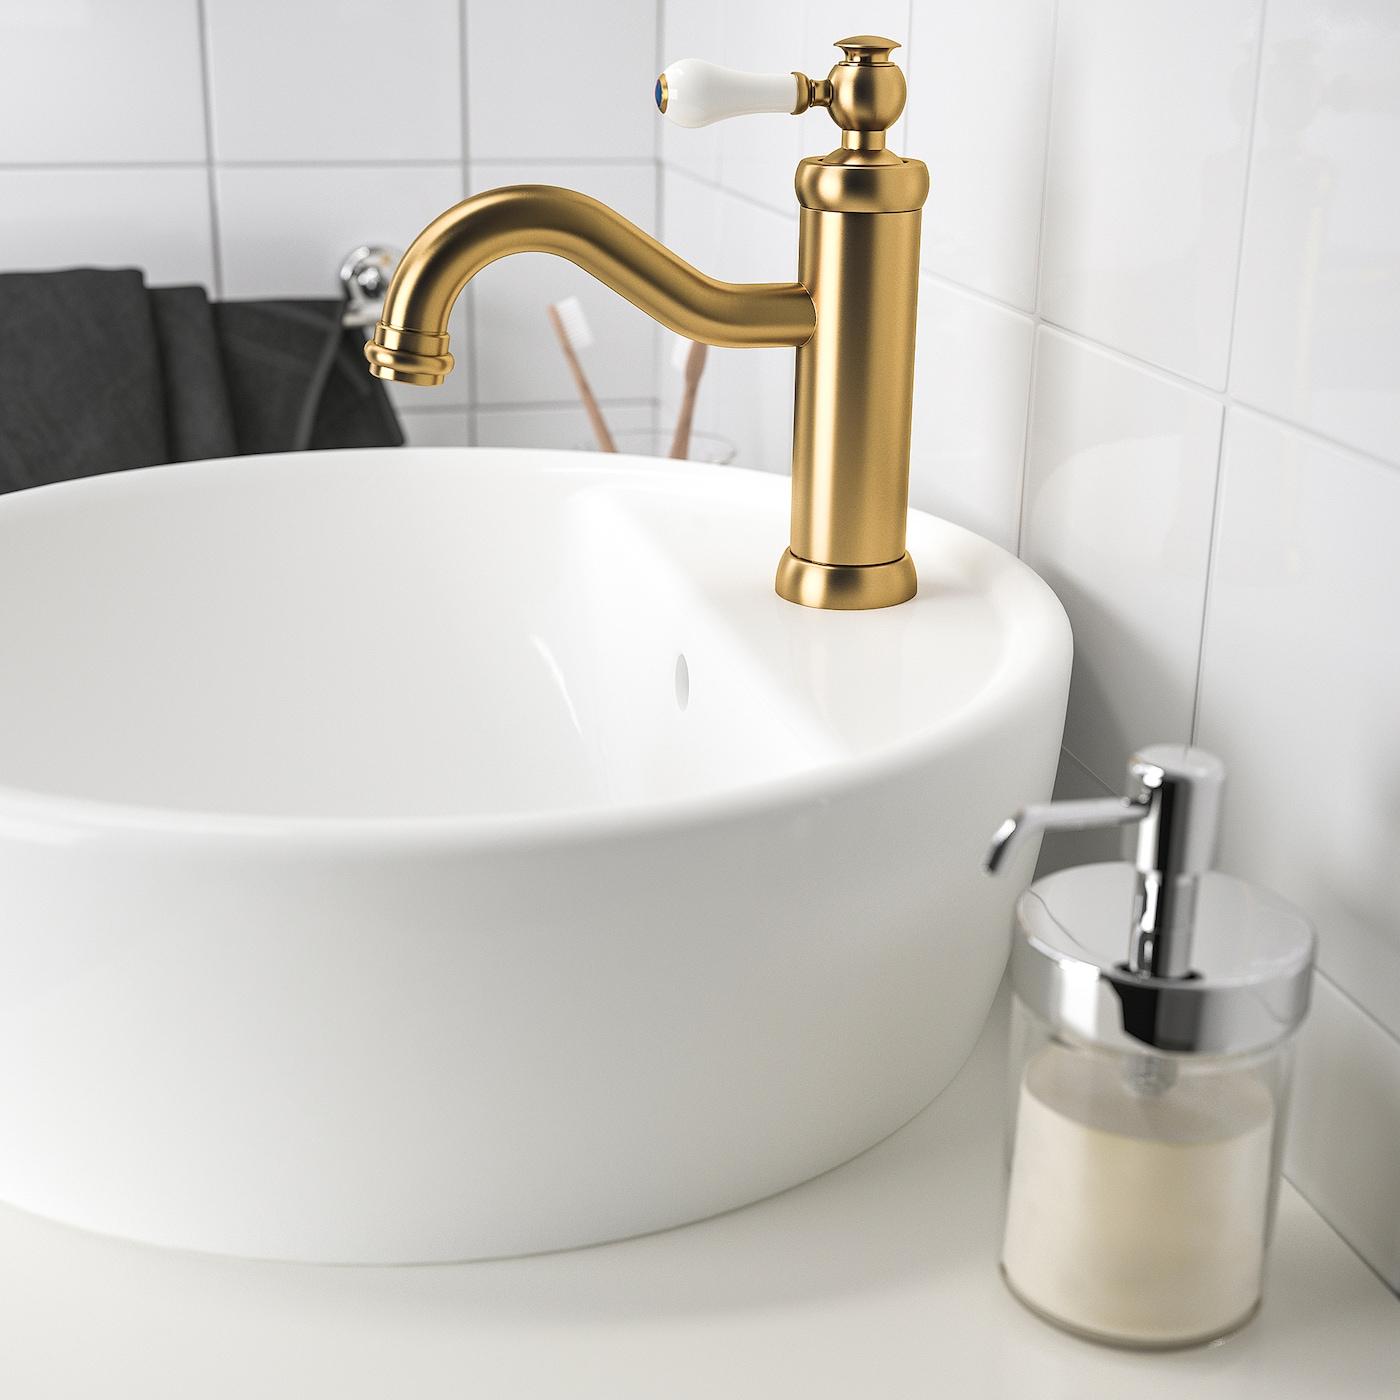 HAMNSKÄR خلاط ماء حوض غسيل مع صمام, لون نحاسي